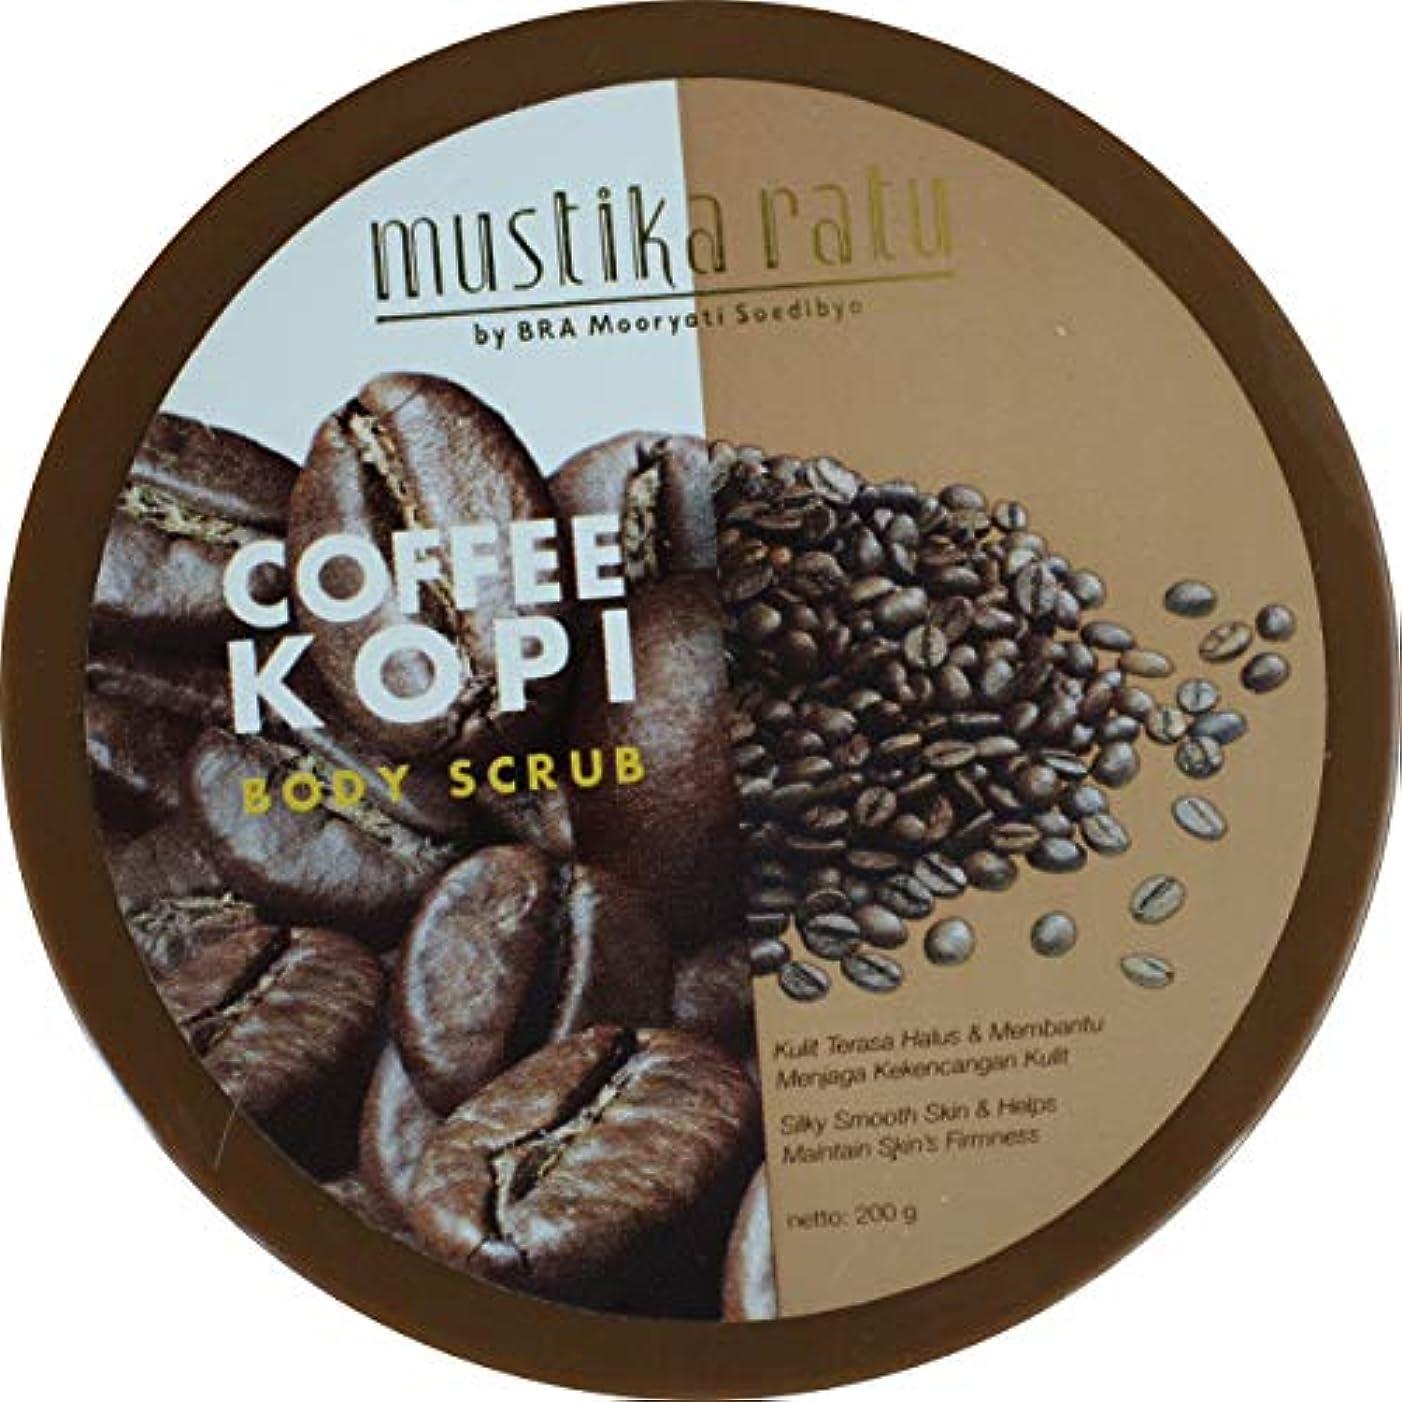 フィードカウンターパート主張Mustika Ratu インドネシア200グラム単位でのコーヒーボディスクラップ